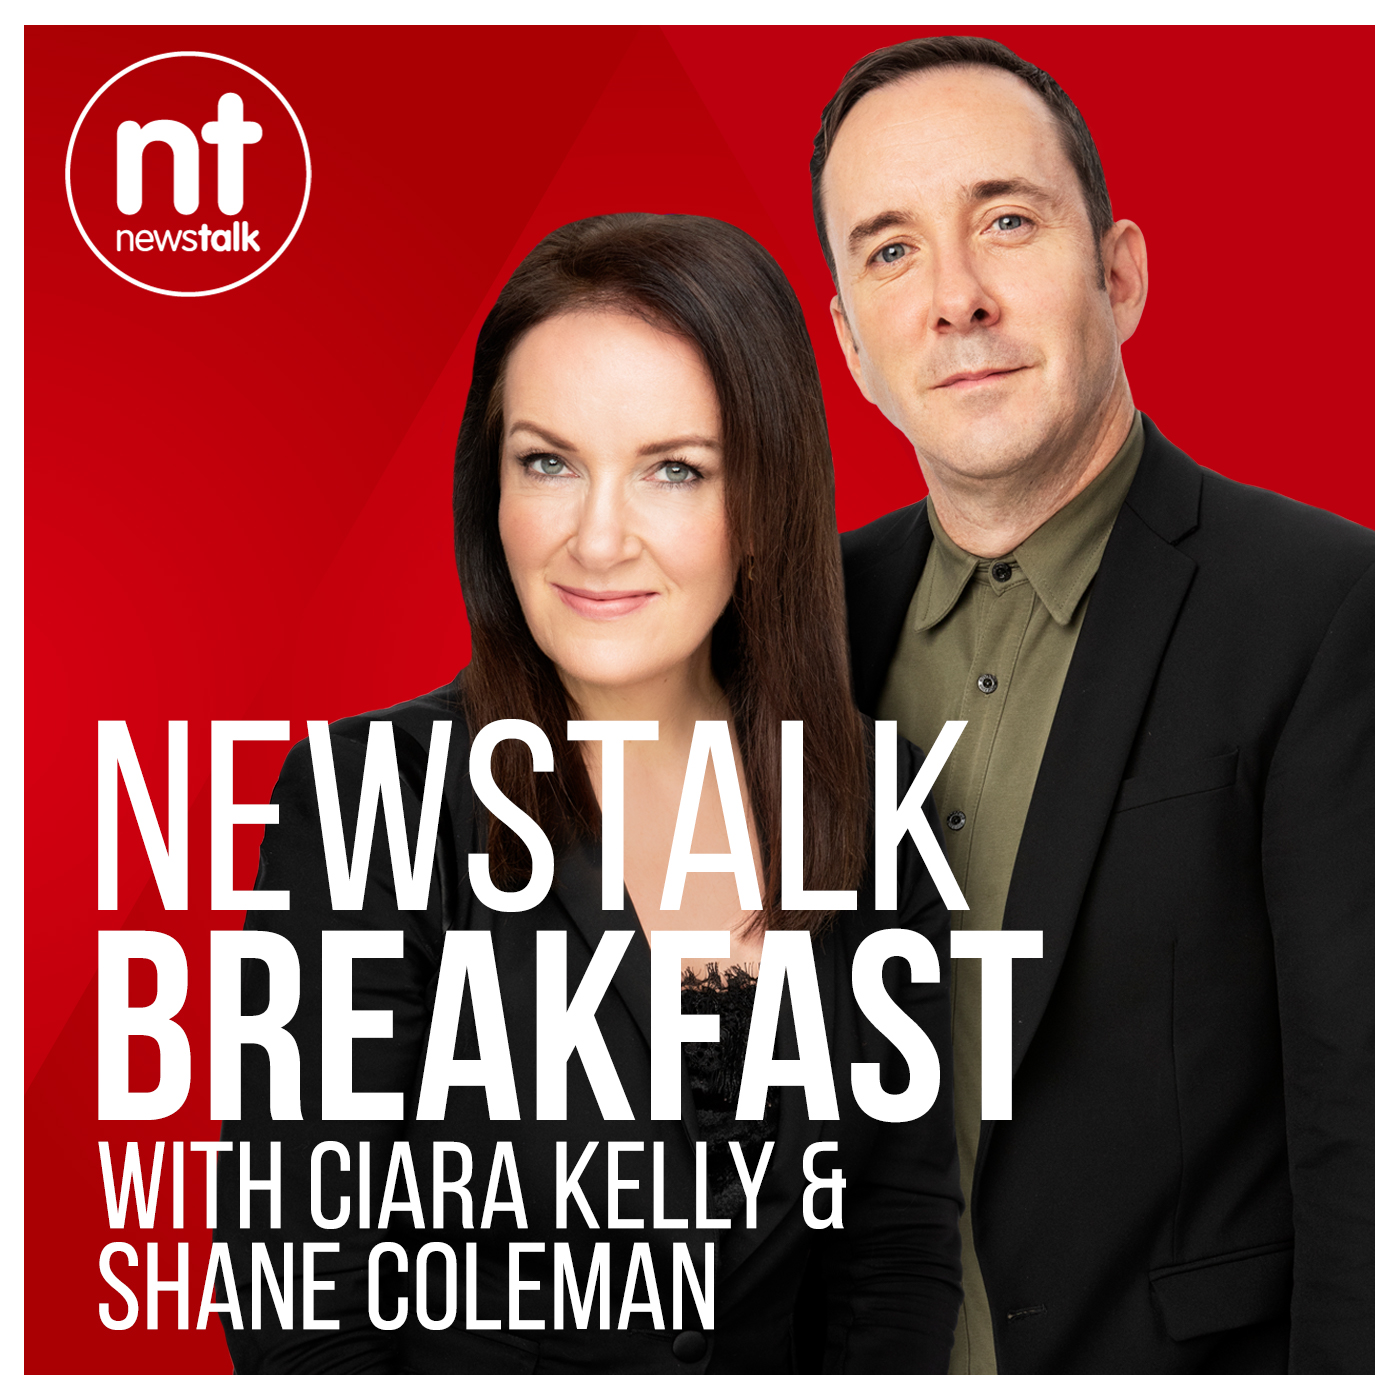 Newstalk Breakfast Highlights